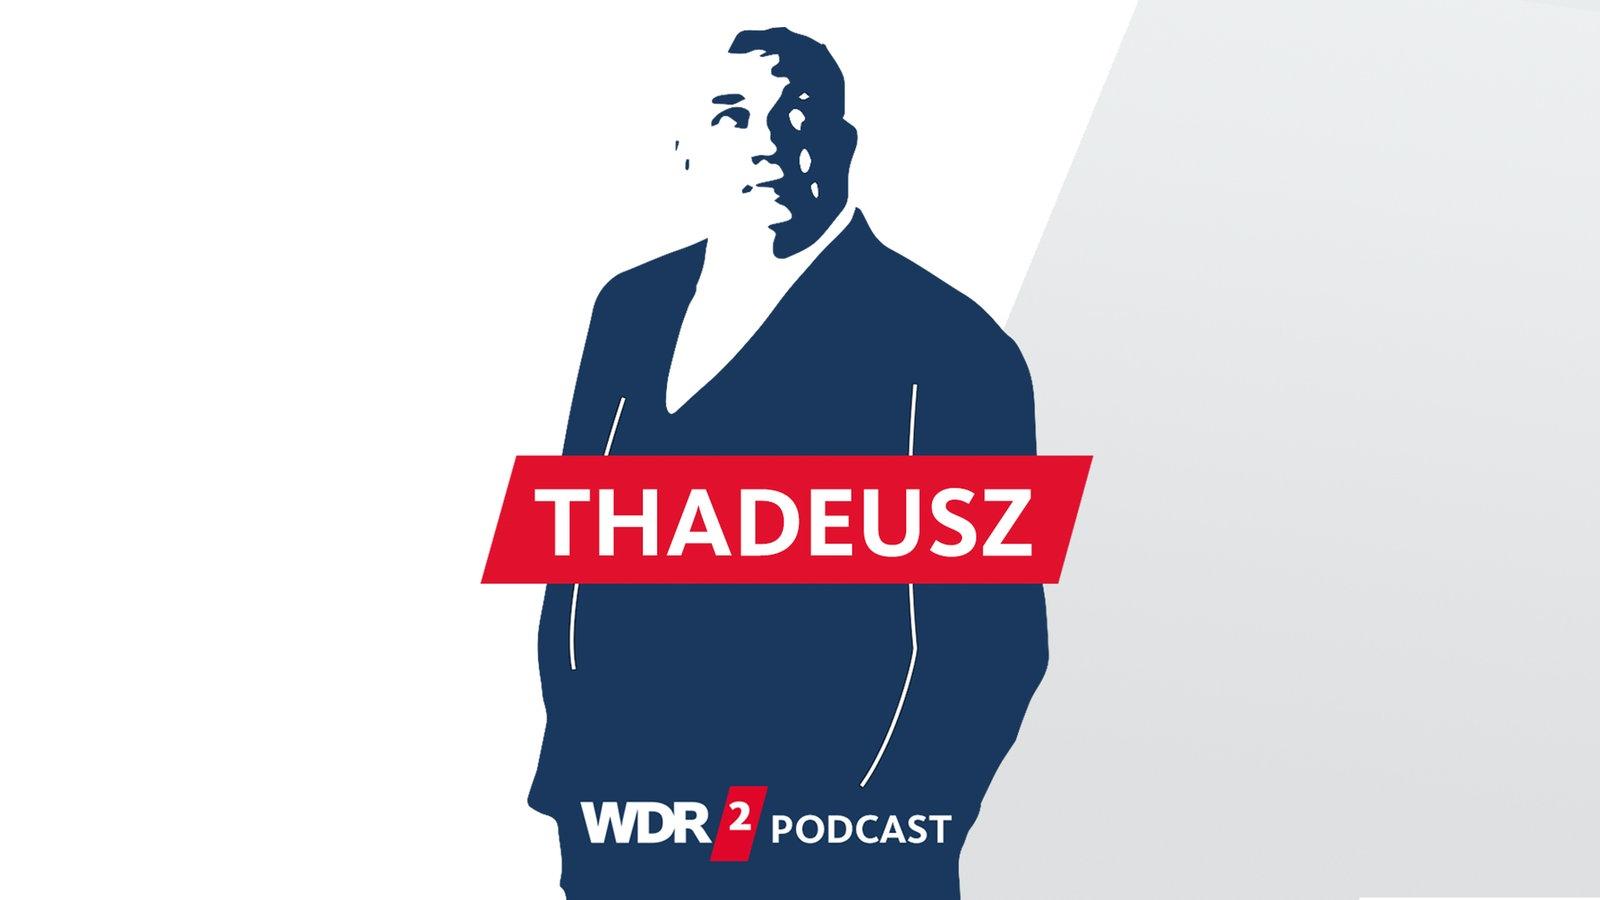 Wdr 2 Radio Mediathek